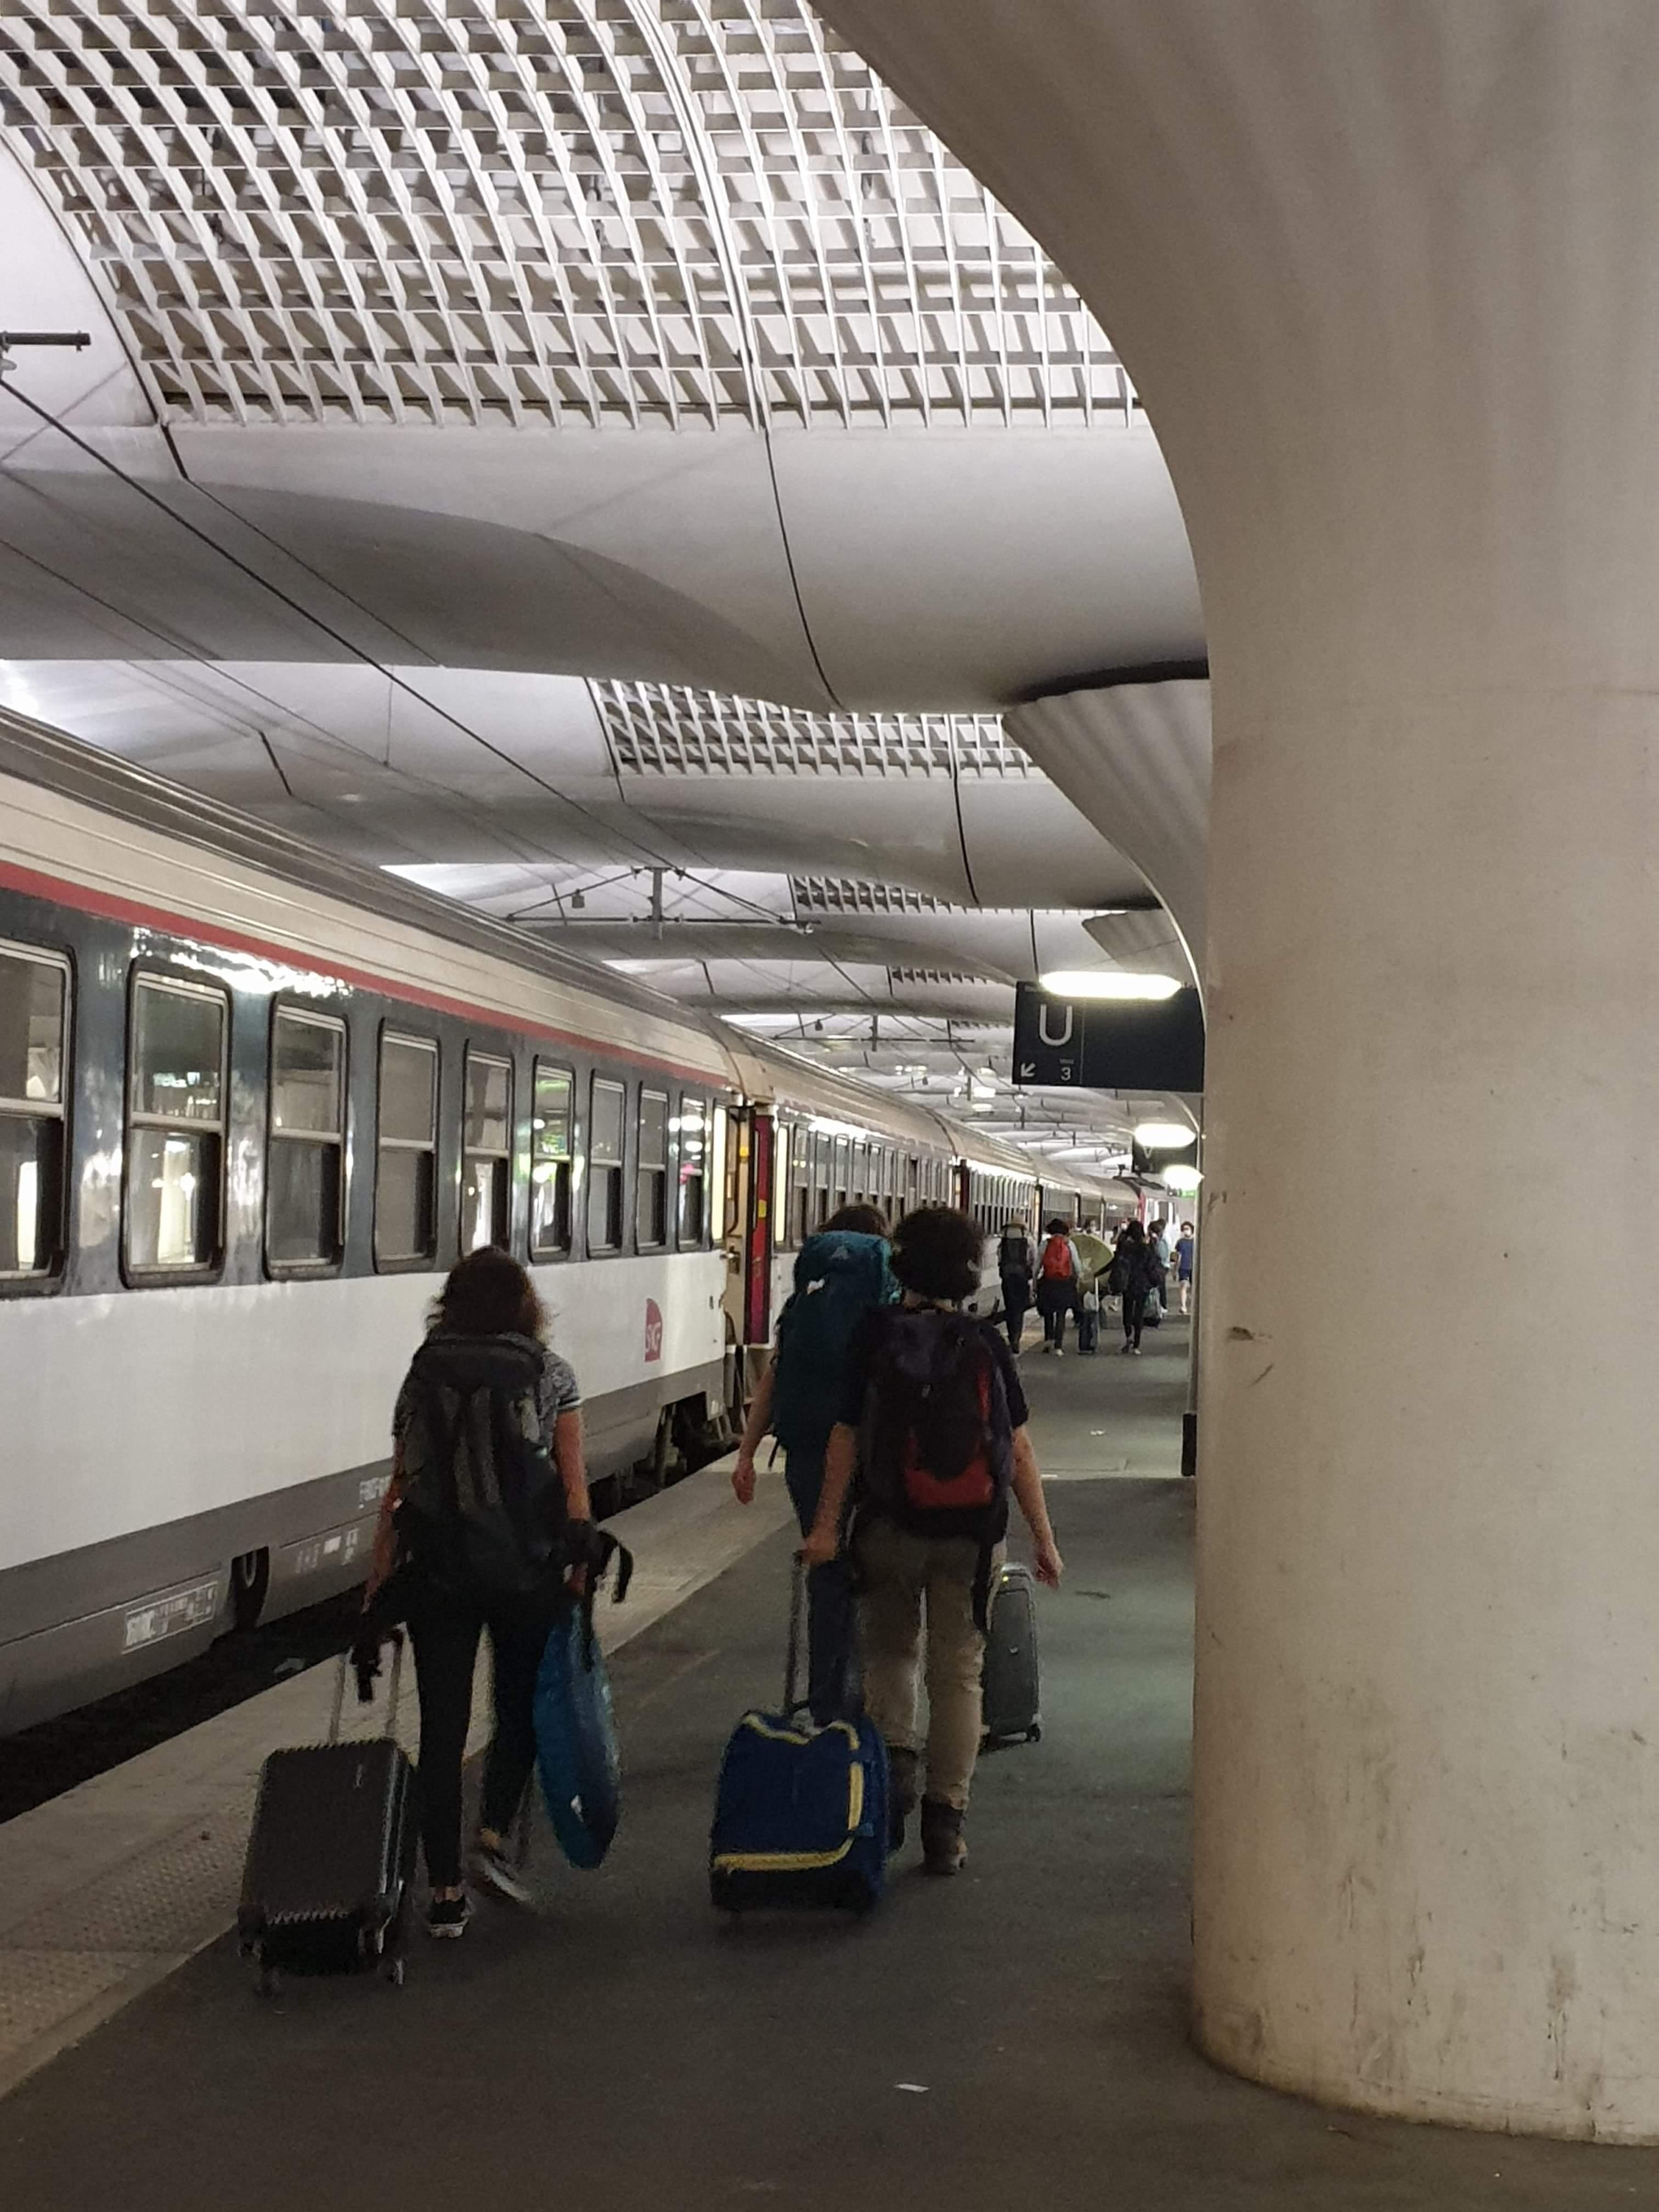 Le train de nuit Paris-Briançon sortira-t-il du tunnel ?